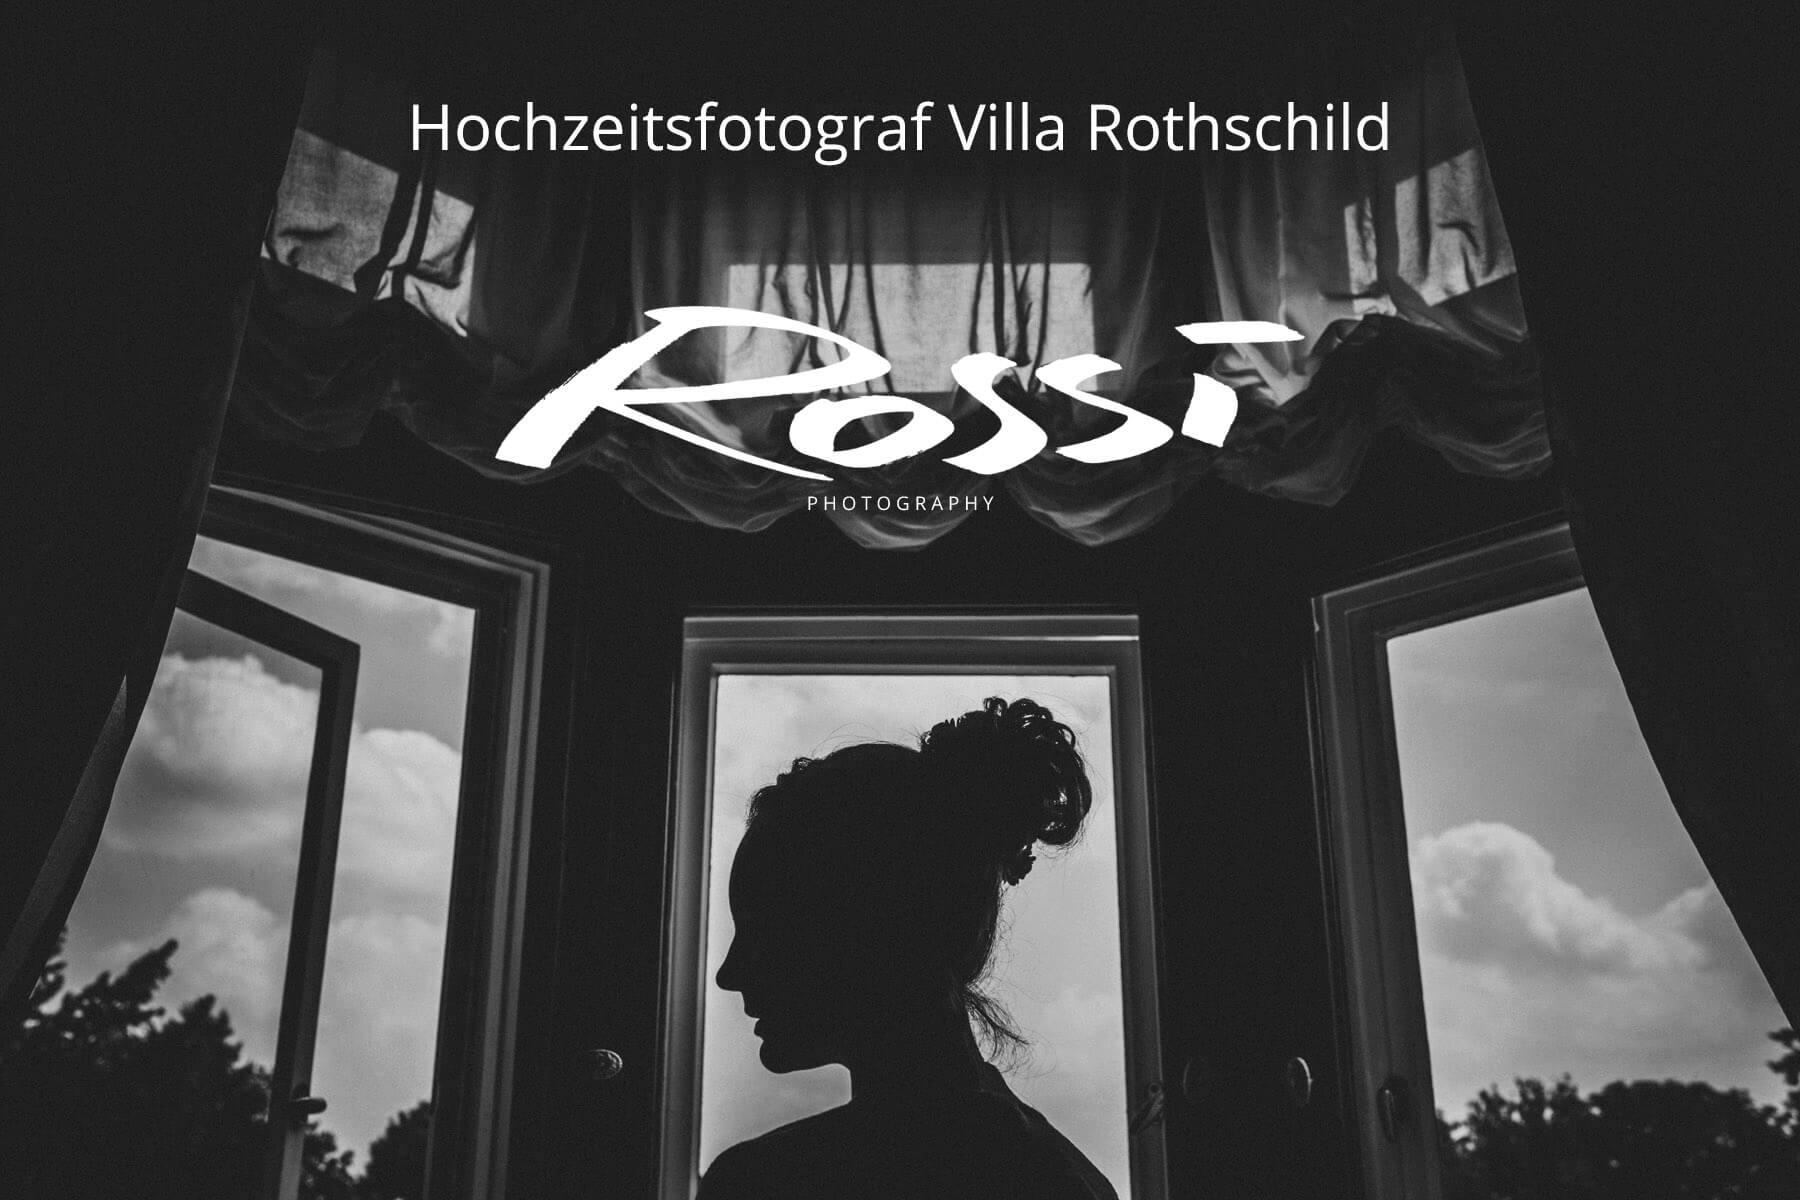 Hochzeitsfotograf Frankfurt am Main * Hochzeitsfotograf Villa Rothschild * Rossi Photography